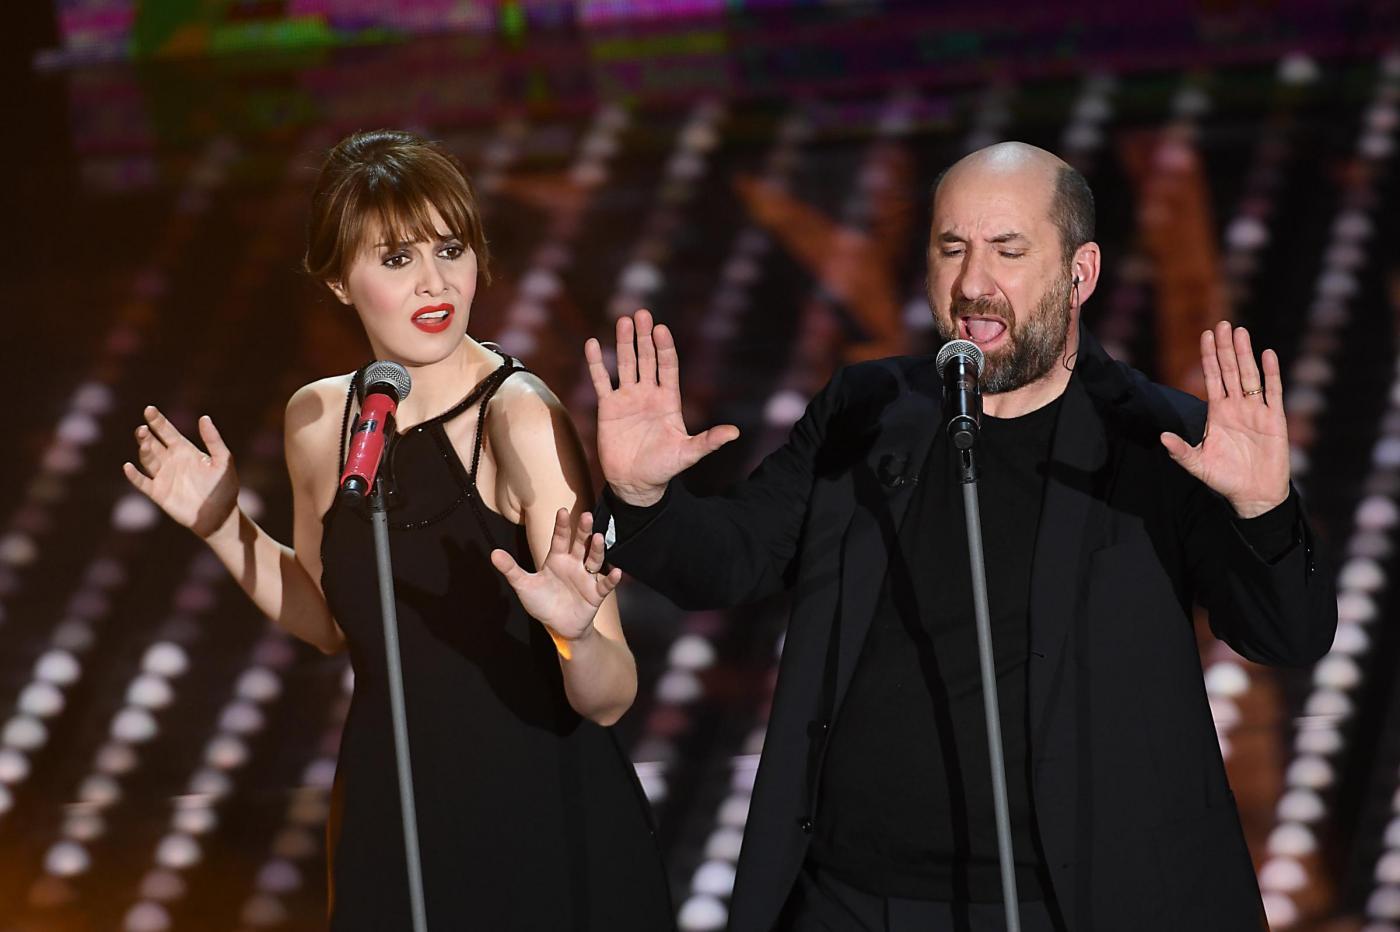 Paola Cortellesi e Antonio Albanese a Sanremo 2017: l'esibizione sul palco